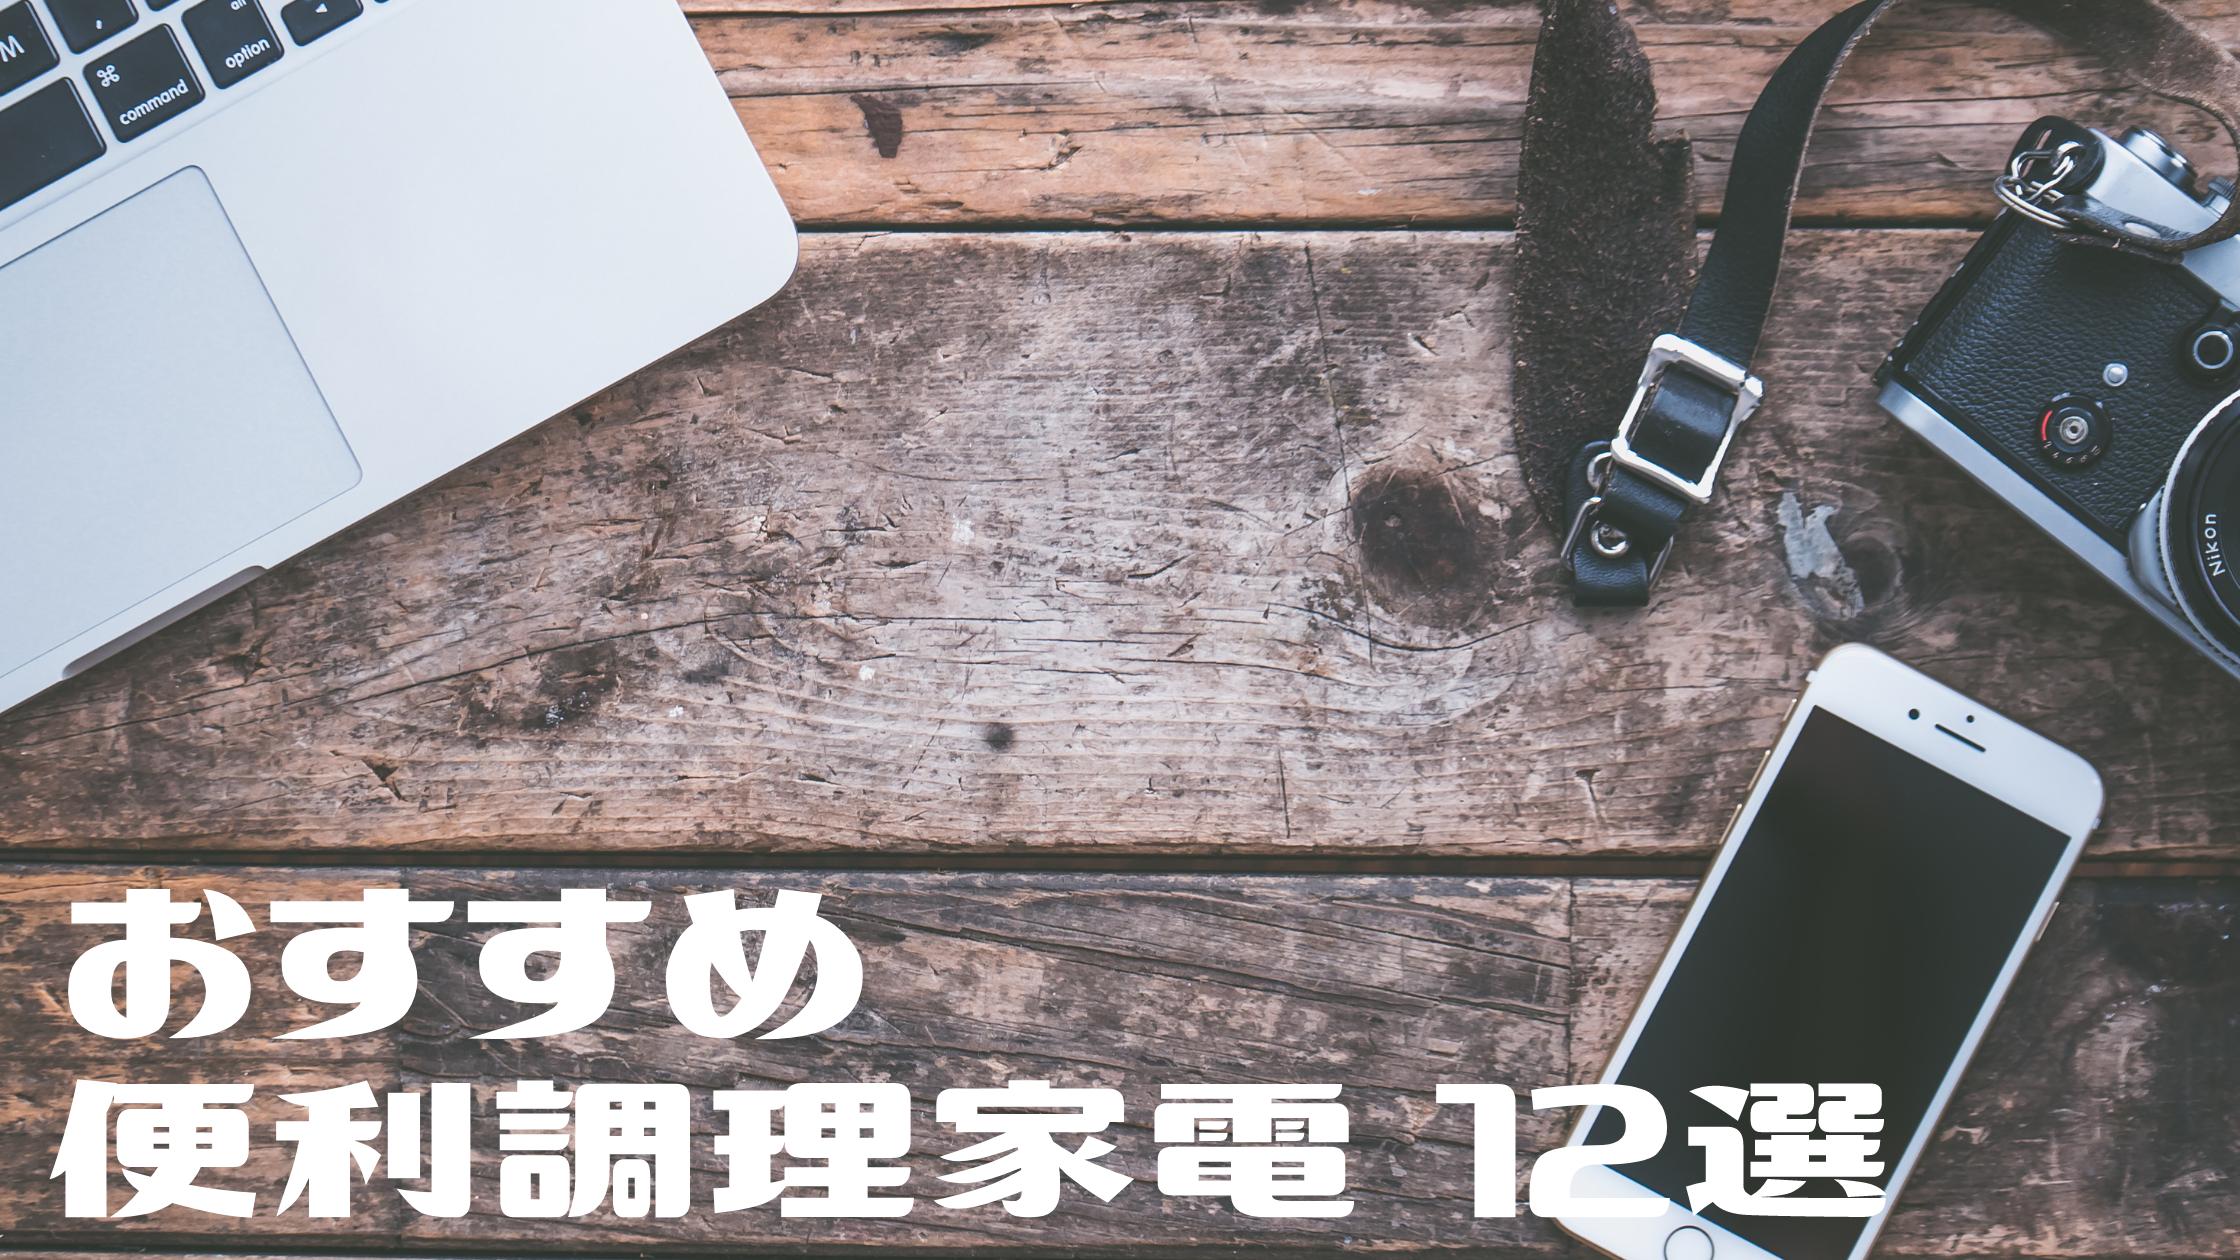 便利家電【BONIQ Pro】【PRINCESS】おすすめ12選